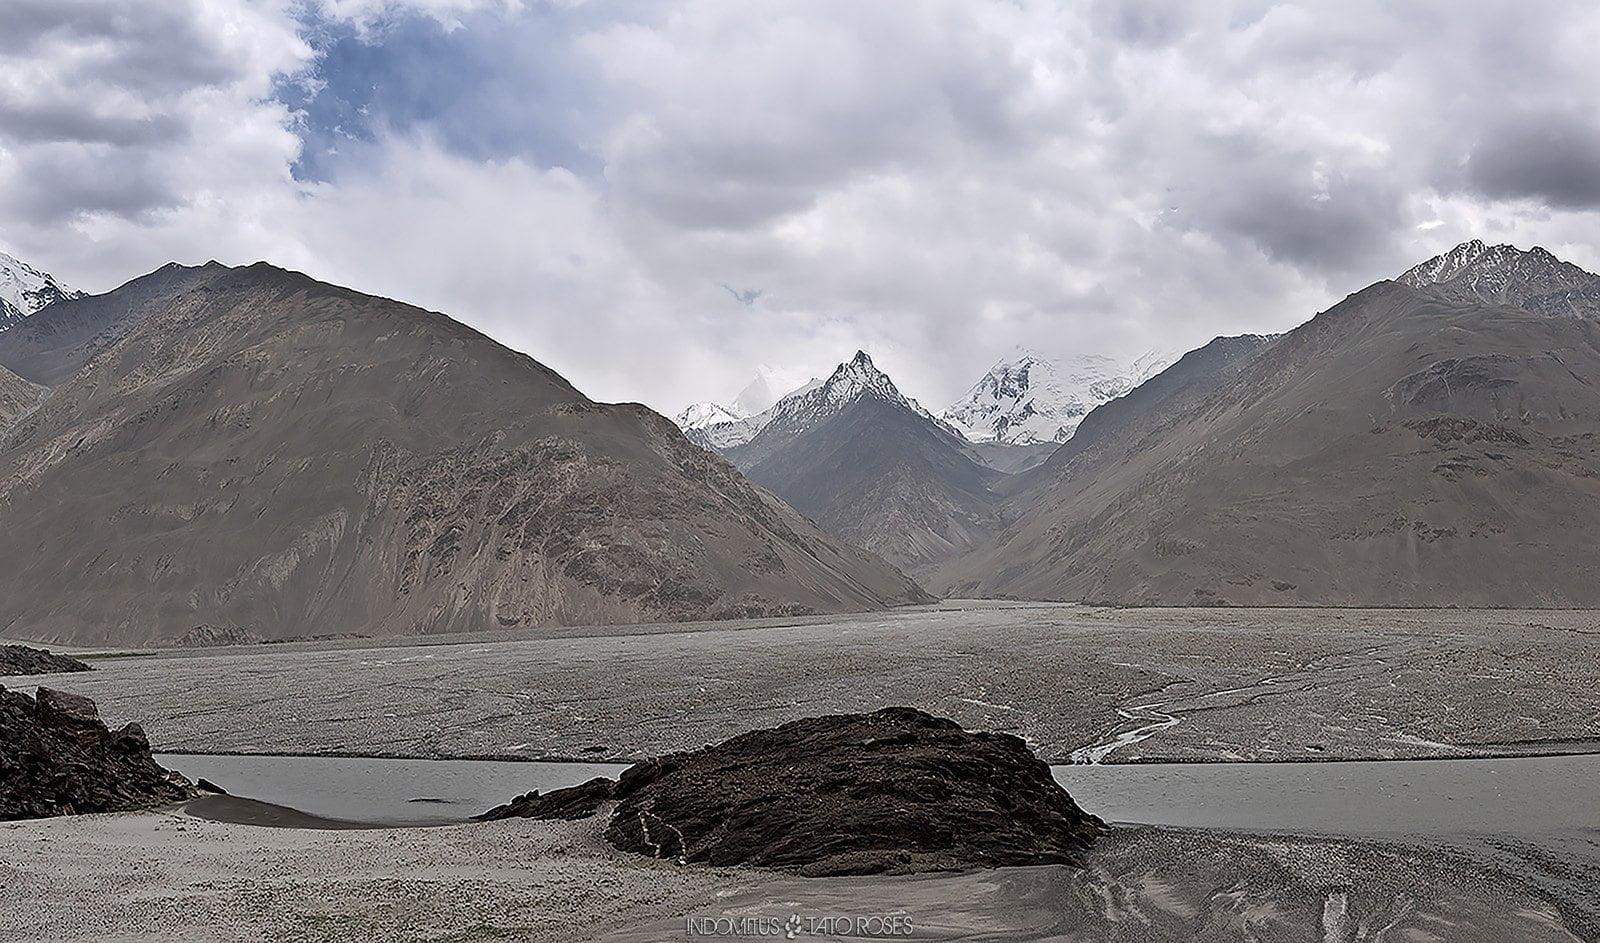 Tayikistán  Indomitus Tato Rosés 06